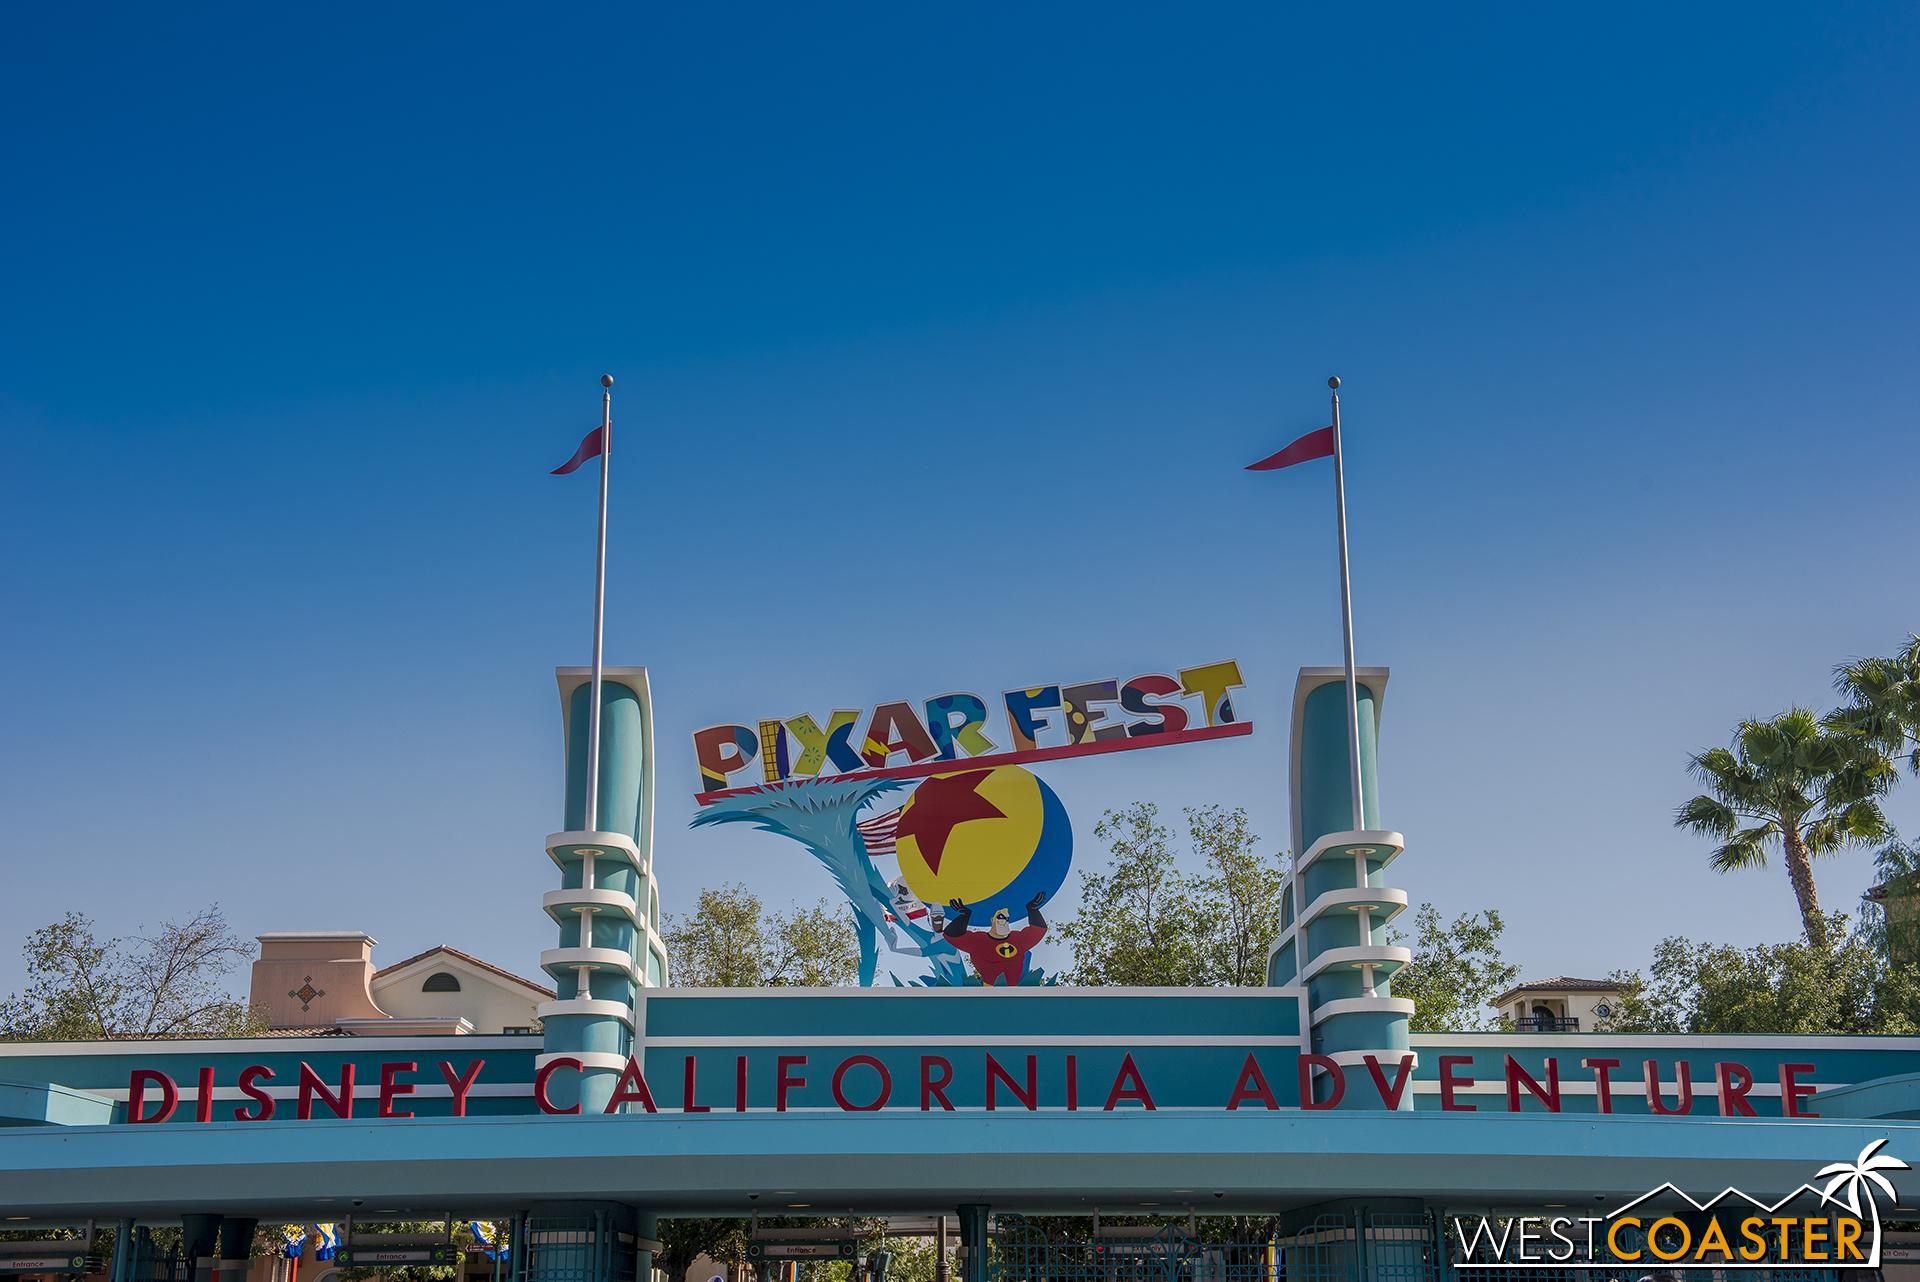 Disney California Adventure has new signage for Pixar Fest.